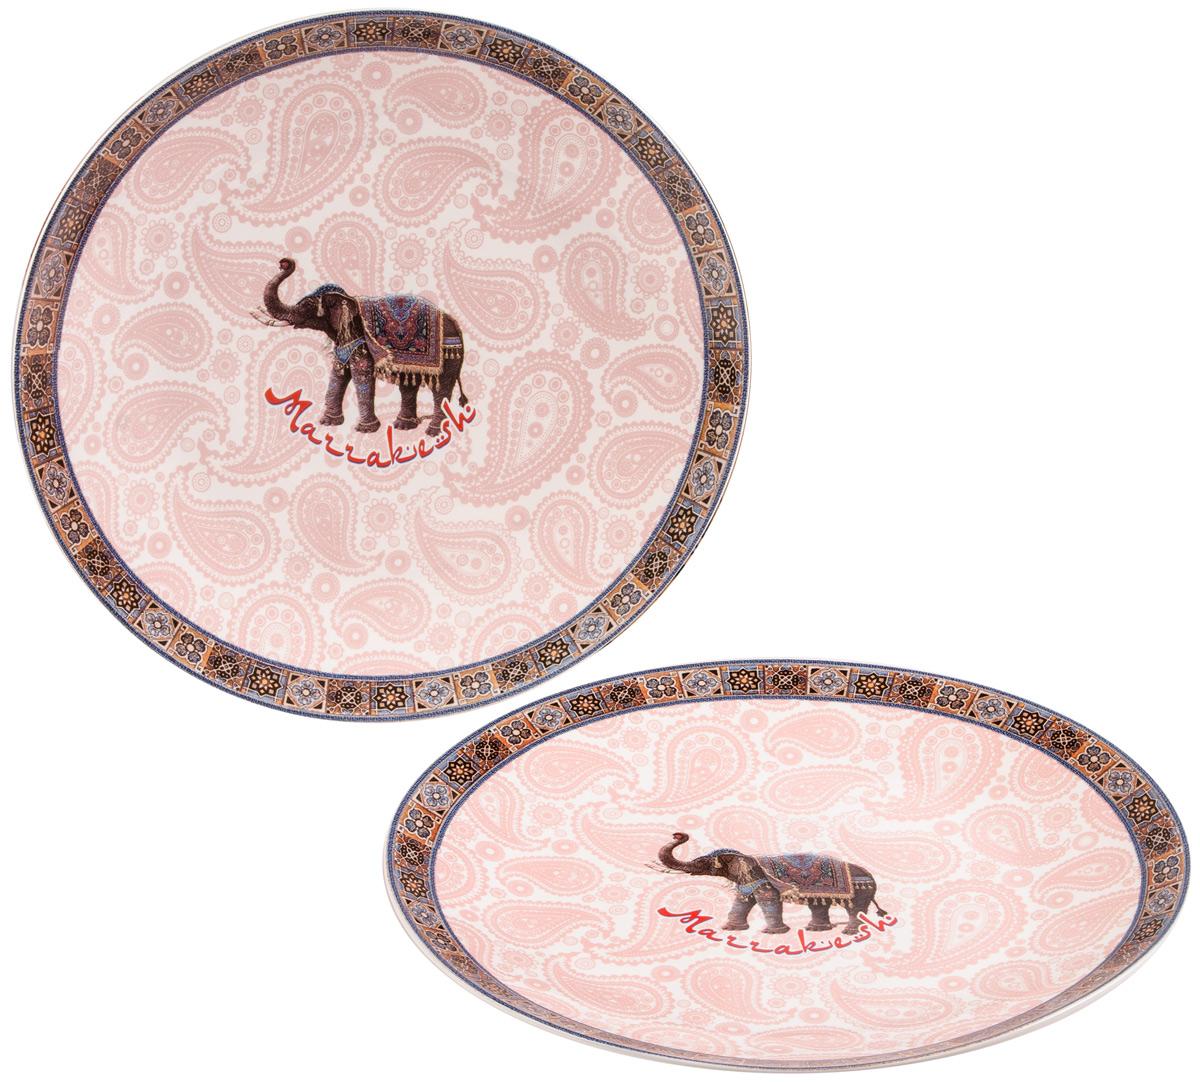 Набор тарелок Gift'n'Home Марракеш, диаметр 20 см, 2 шт cross reserved automatic parking lock